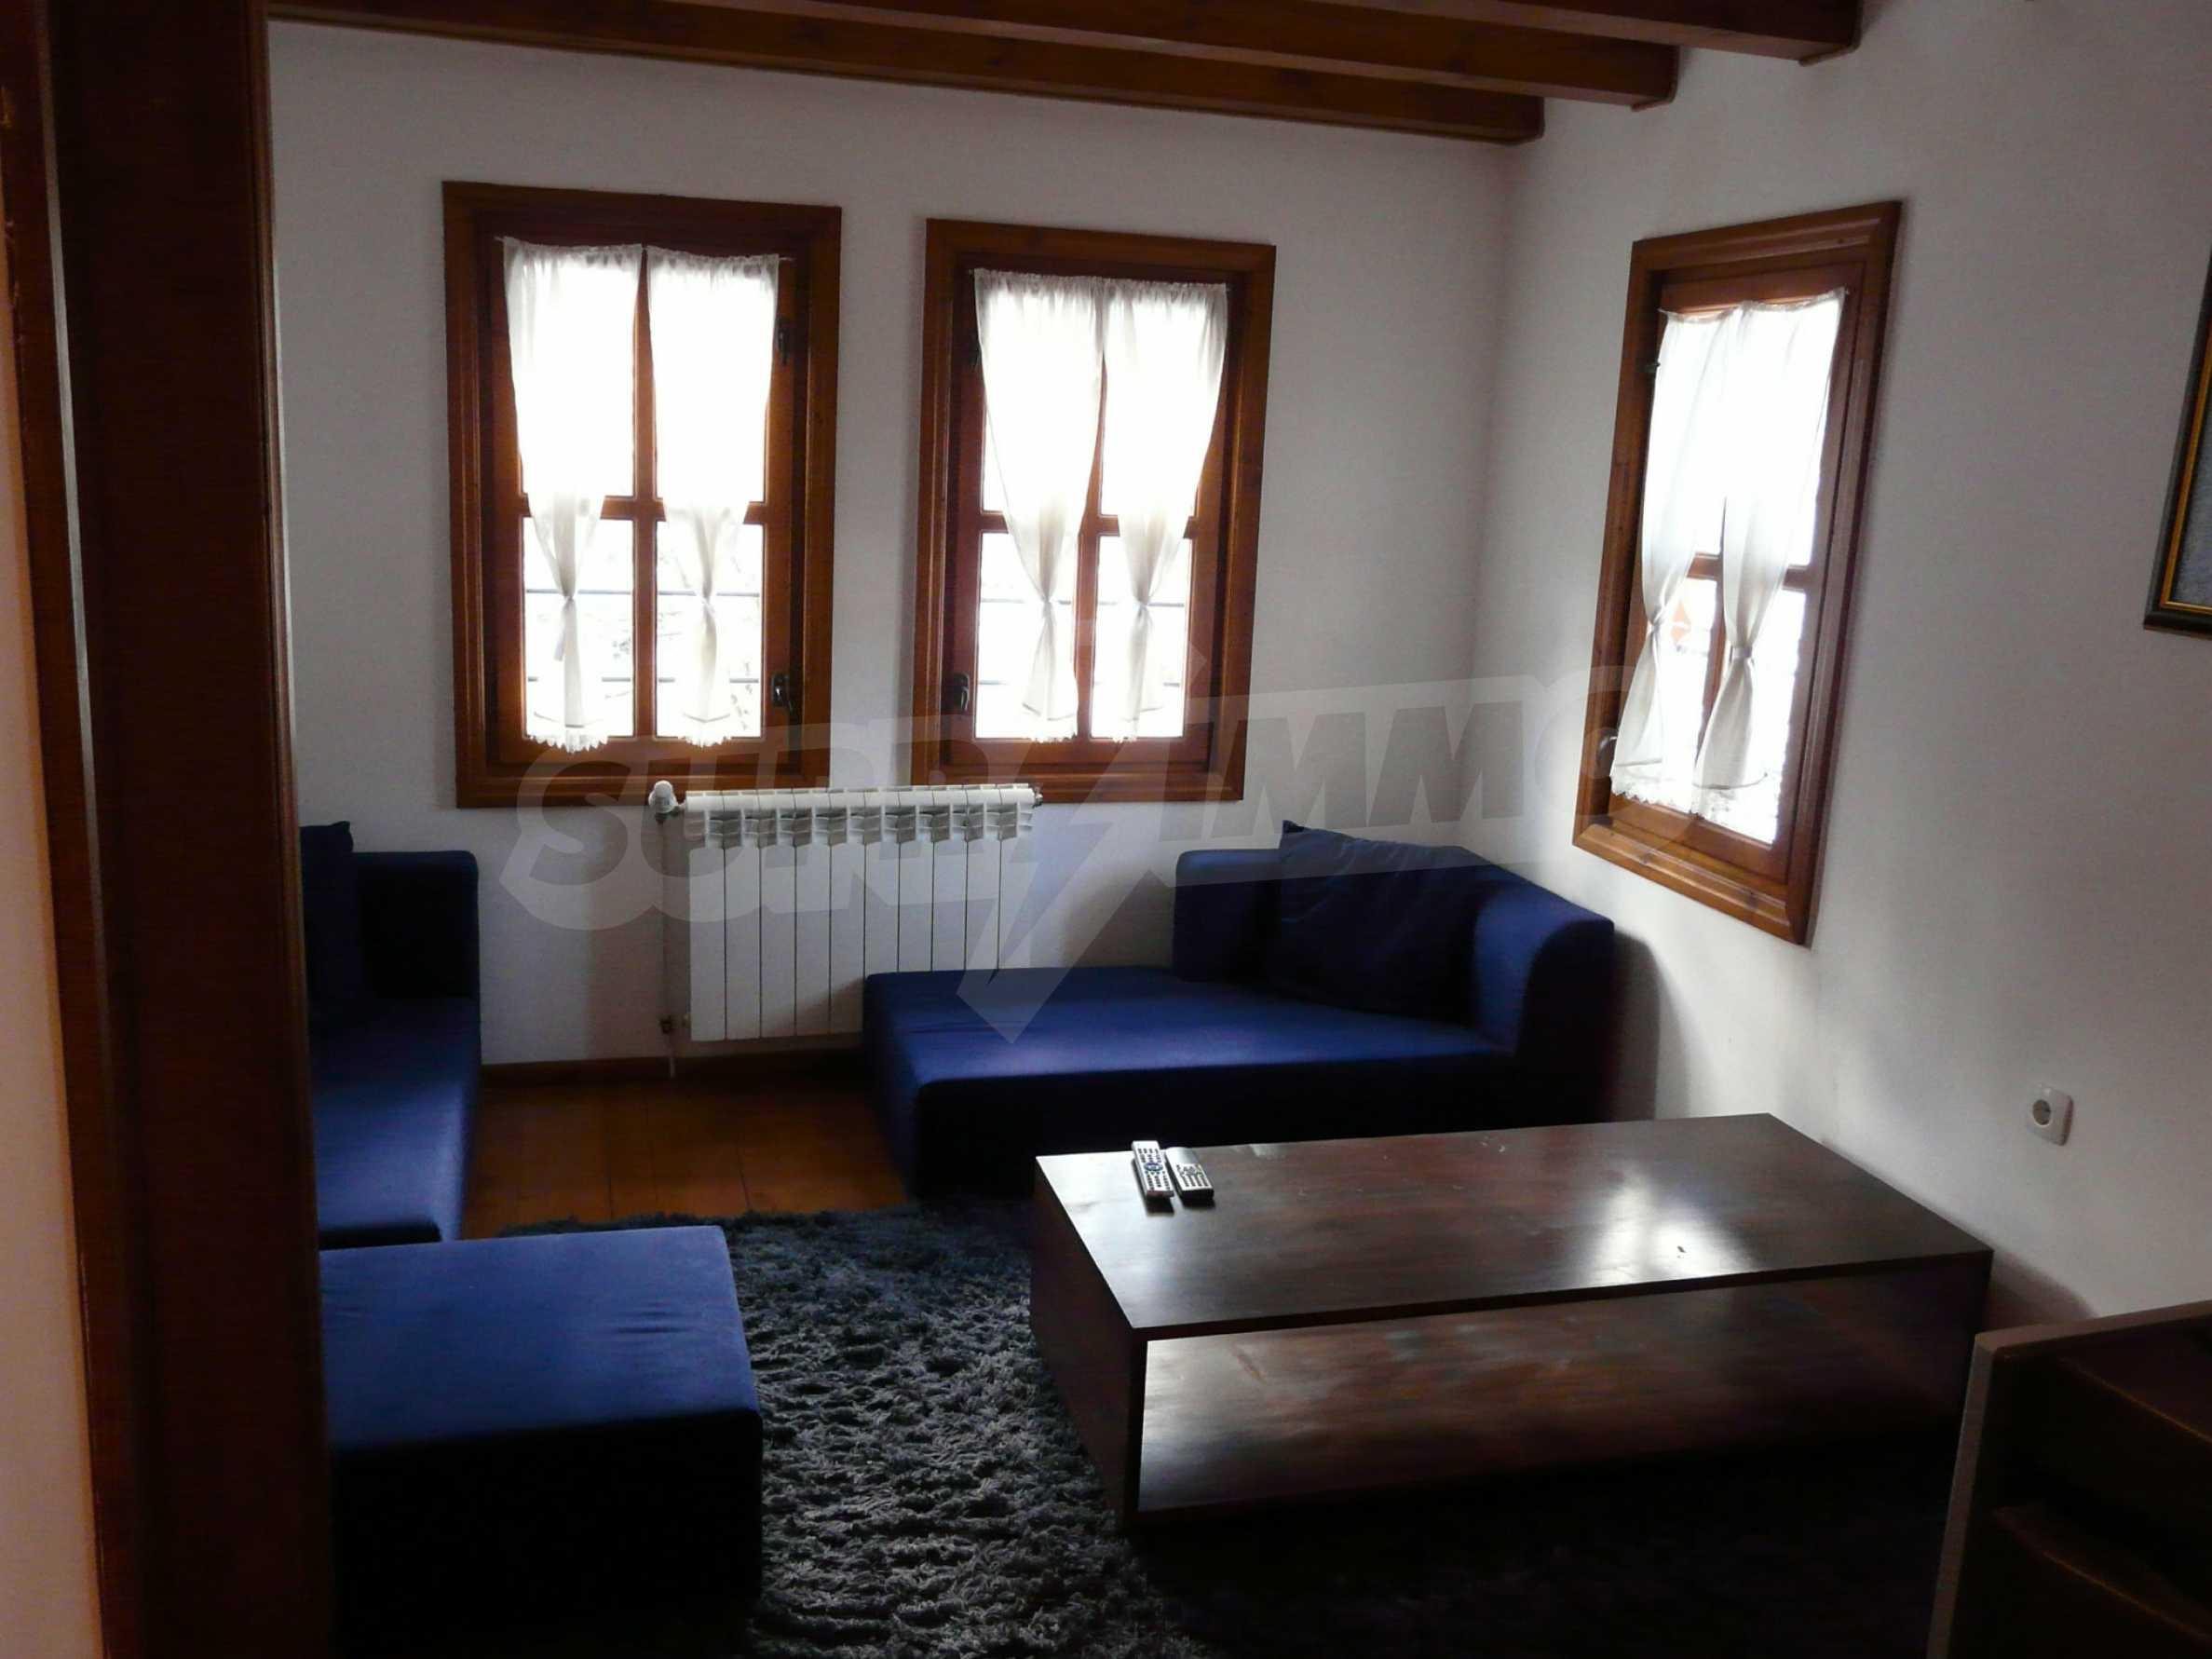 Renoviertes, möbliertes Rhodopenhaus in der Nähe von Pamporovo und Smolyan 26